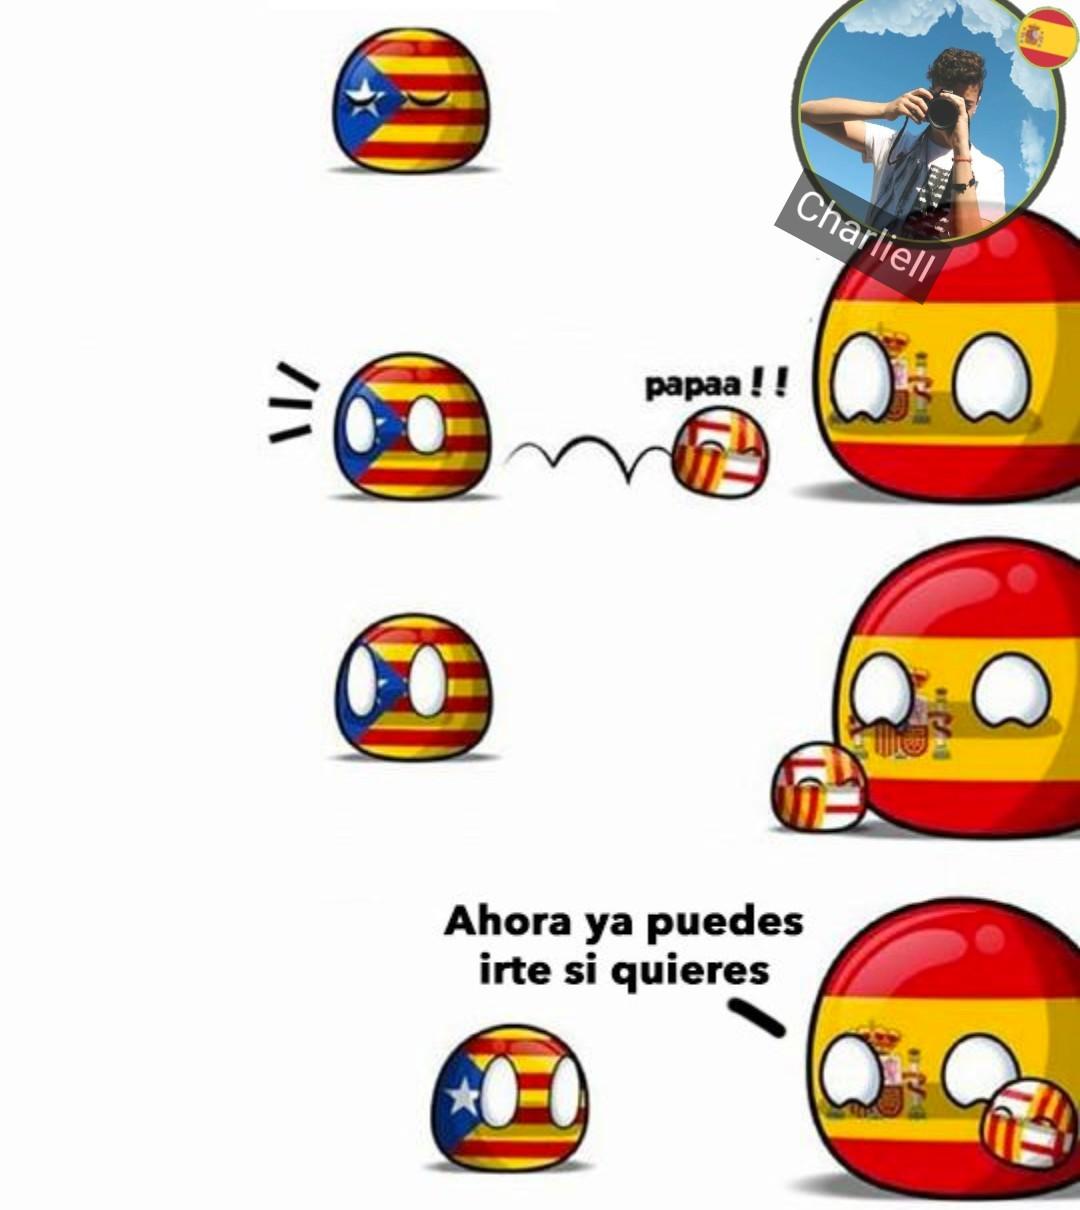 Tabarnia libre  - meme